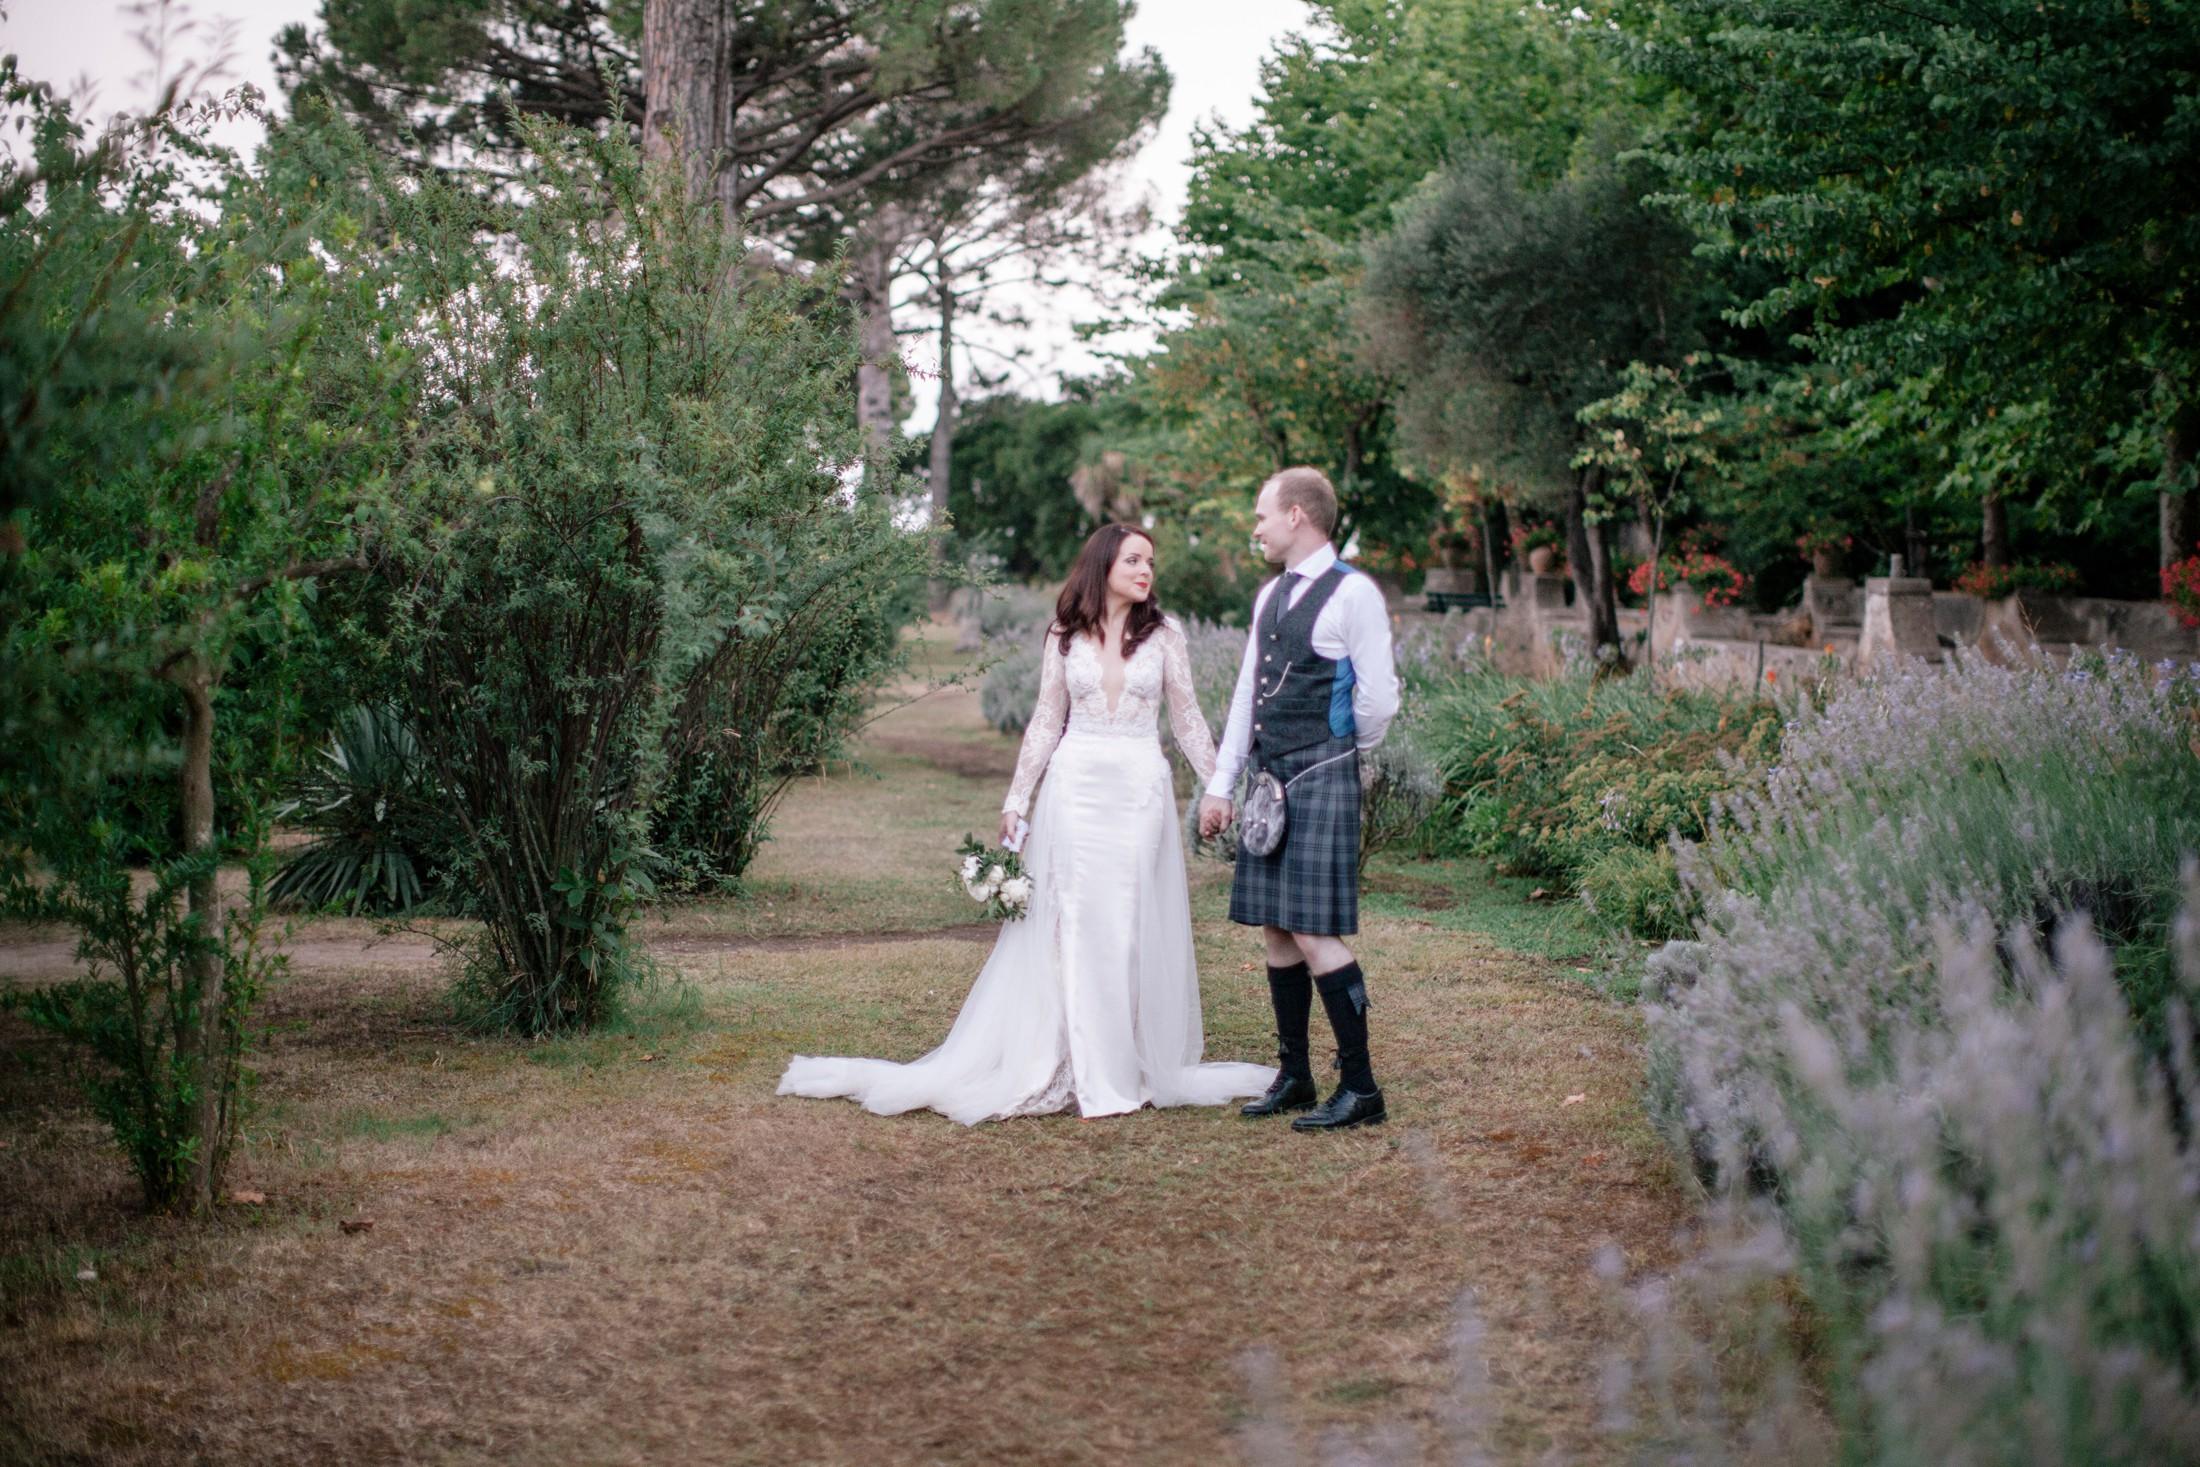 bride and groom's portrait in the garden of villa cimbrone ravello